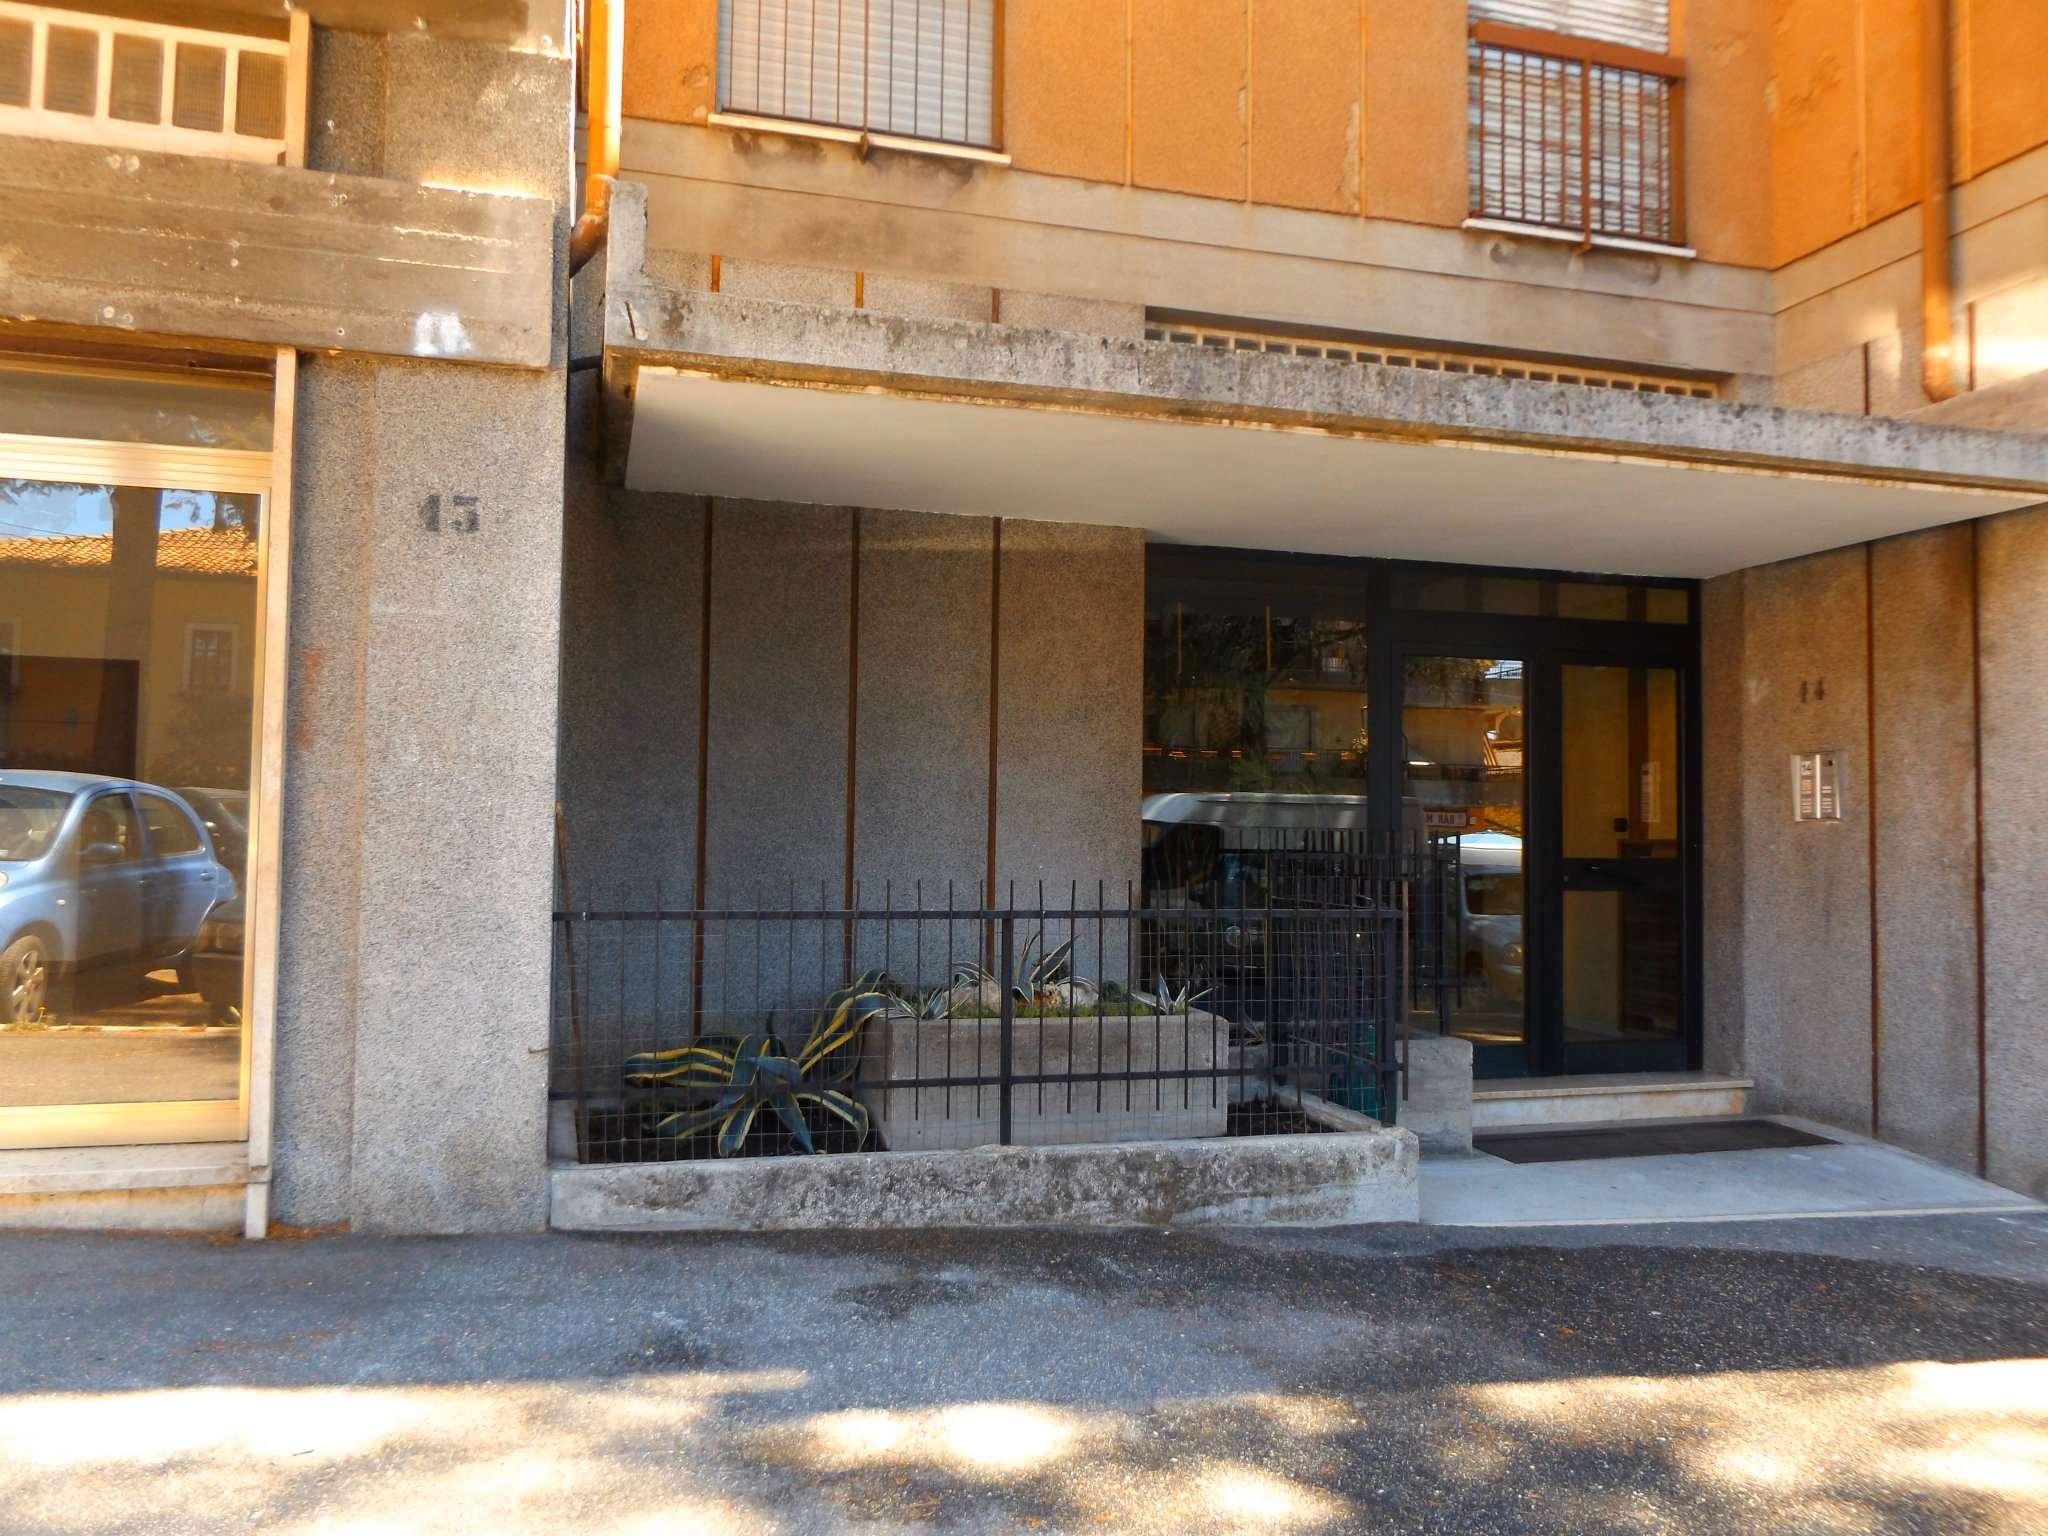 Appartamento in vendita a Carsoli, 7 locali, prezzo € 173.000 | CambioCasa.it